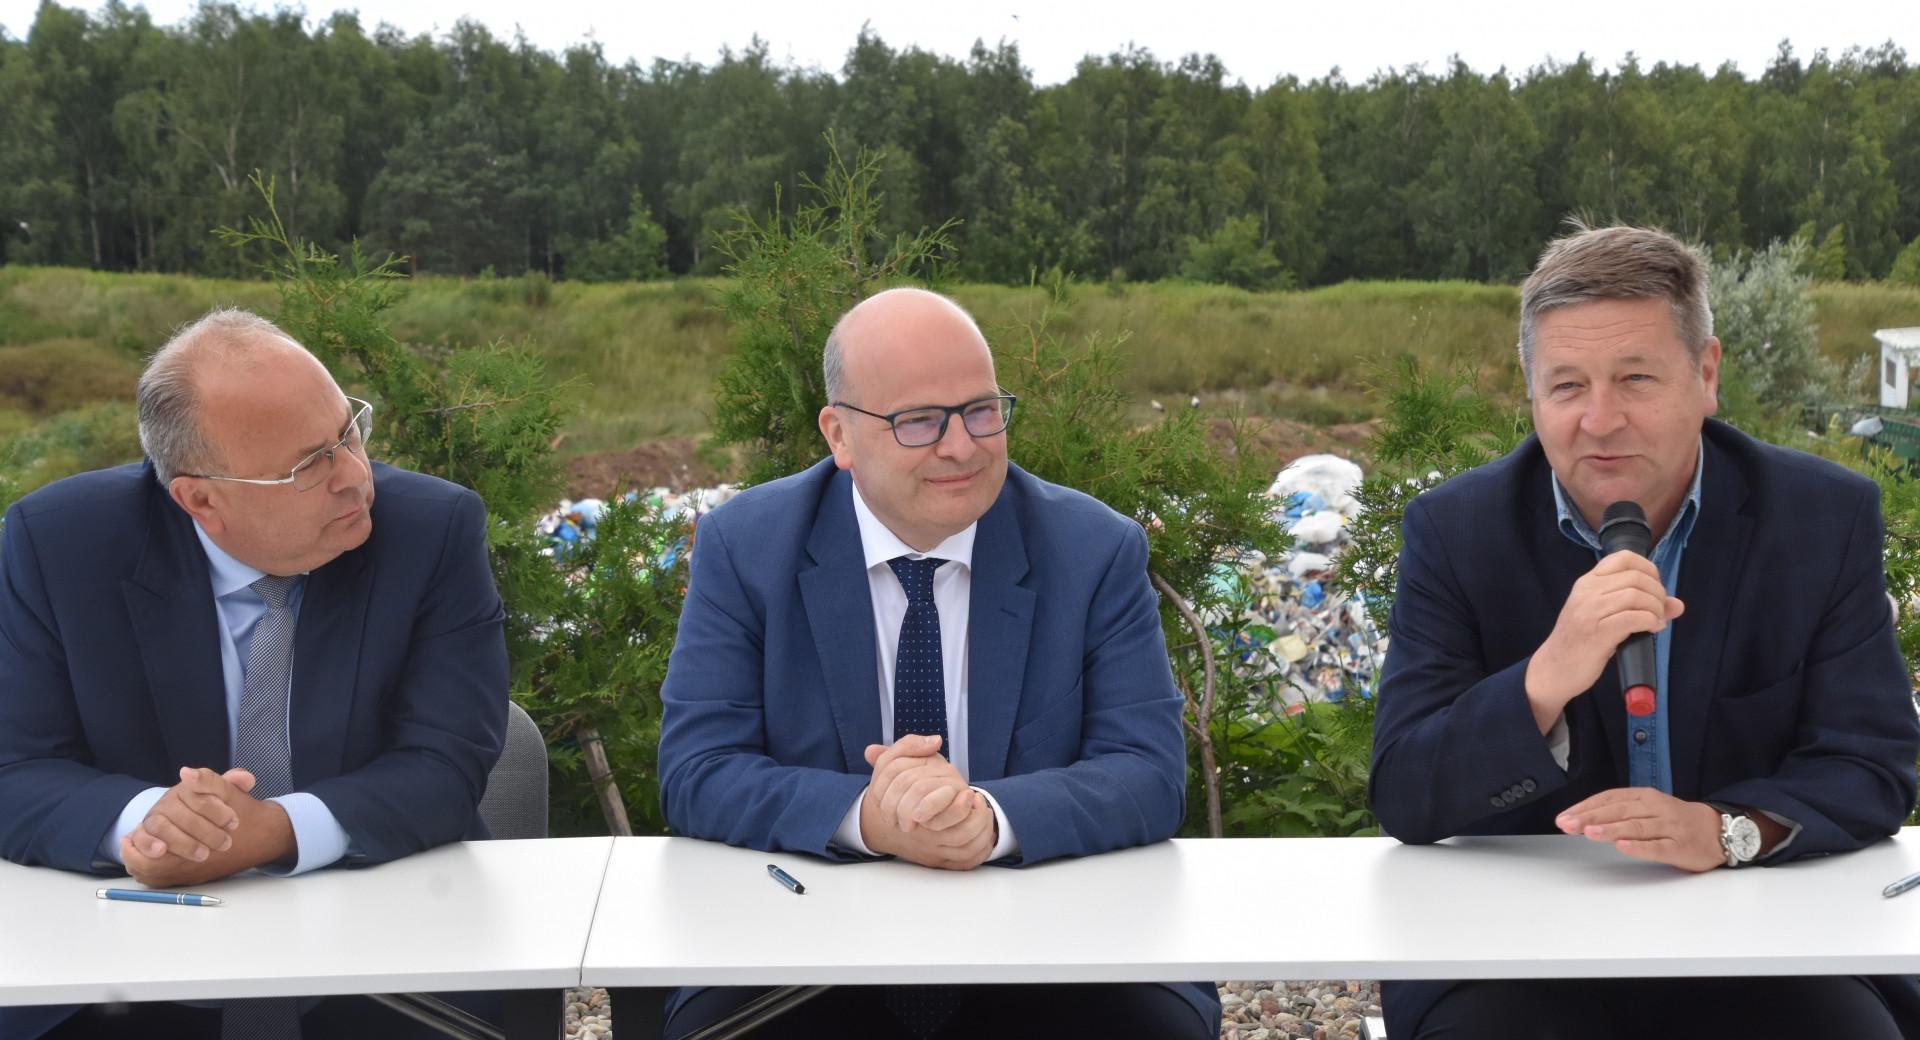 Ze strony OPEC GRUDZIĄDZ podpis pod porozumieniem złożył prezes Marek Dec, a w imieniu Miejskich Wodociągów i Oczyszczalni prezes Tomasz Pasikowski. W podpisaniu porozumienia uczestniczył prezydent Grudziądza Maciej Glamowski (fot.grudziadz.pl)